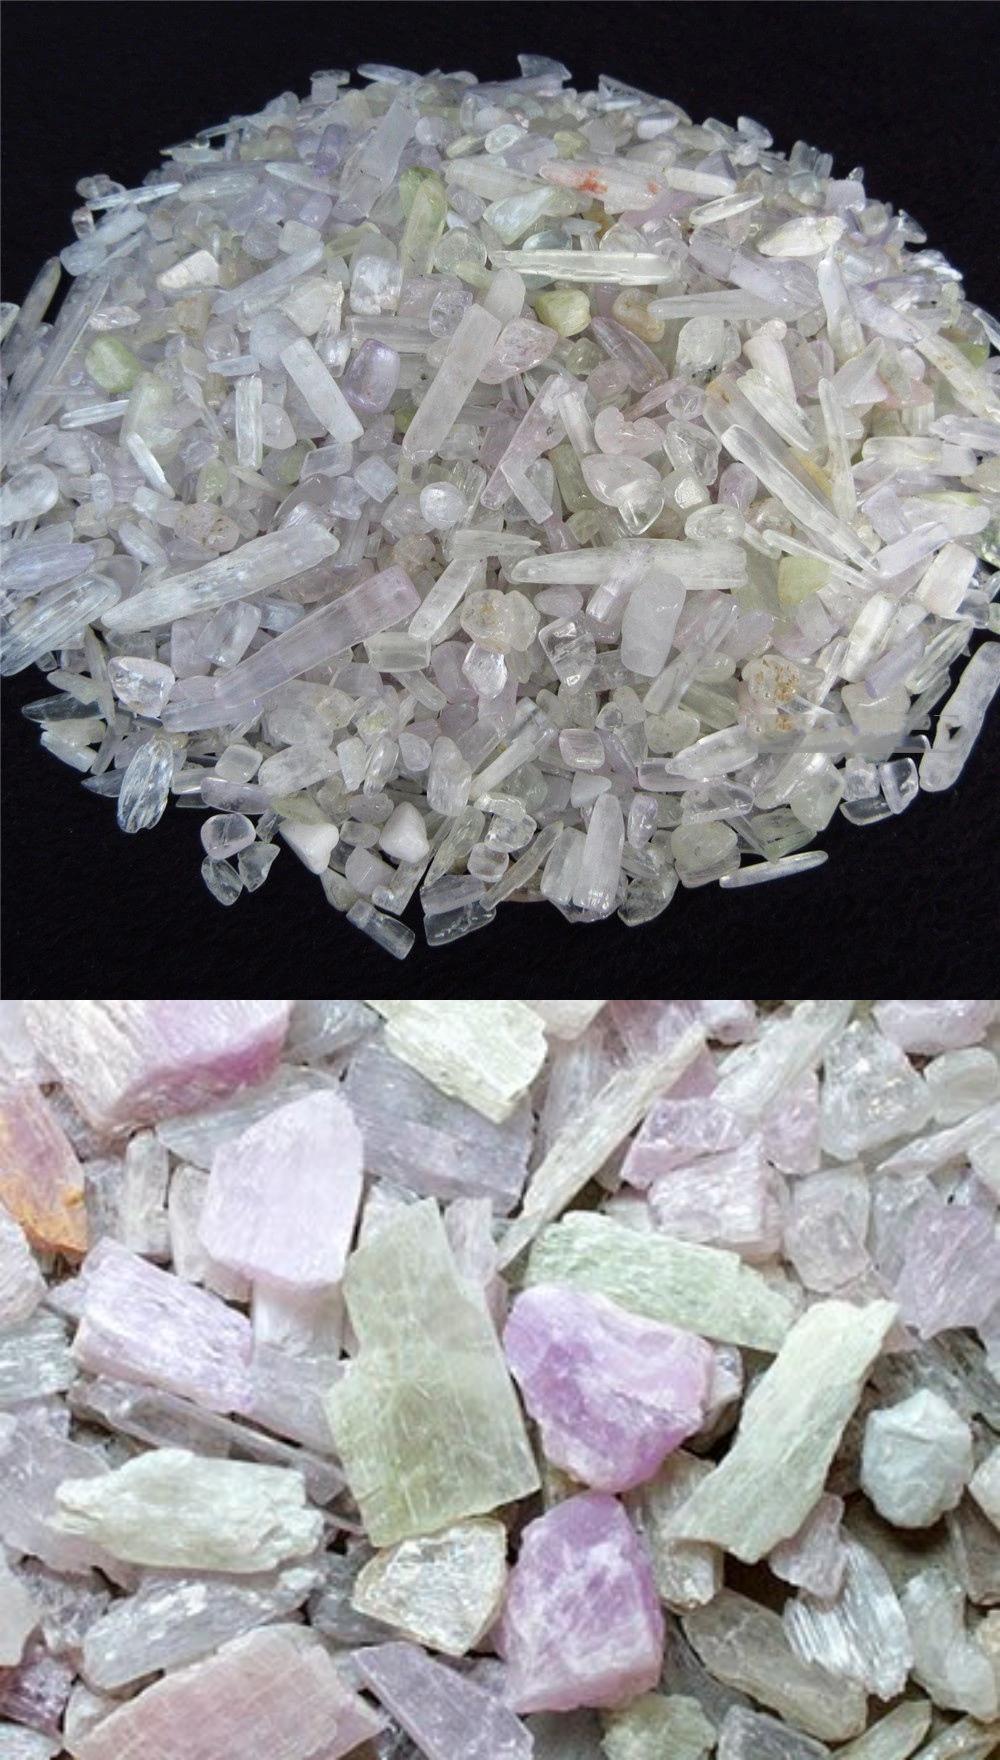 Spodumene or Kunzite mineral